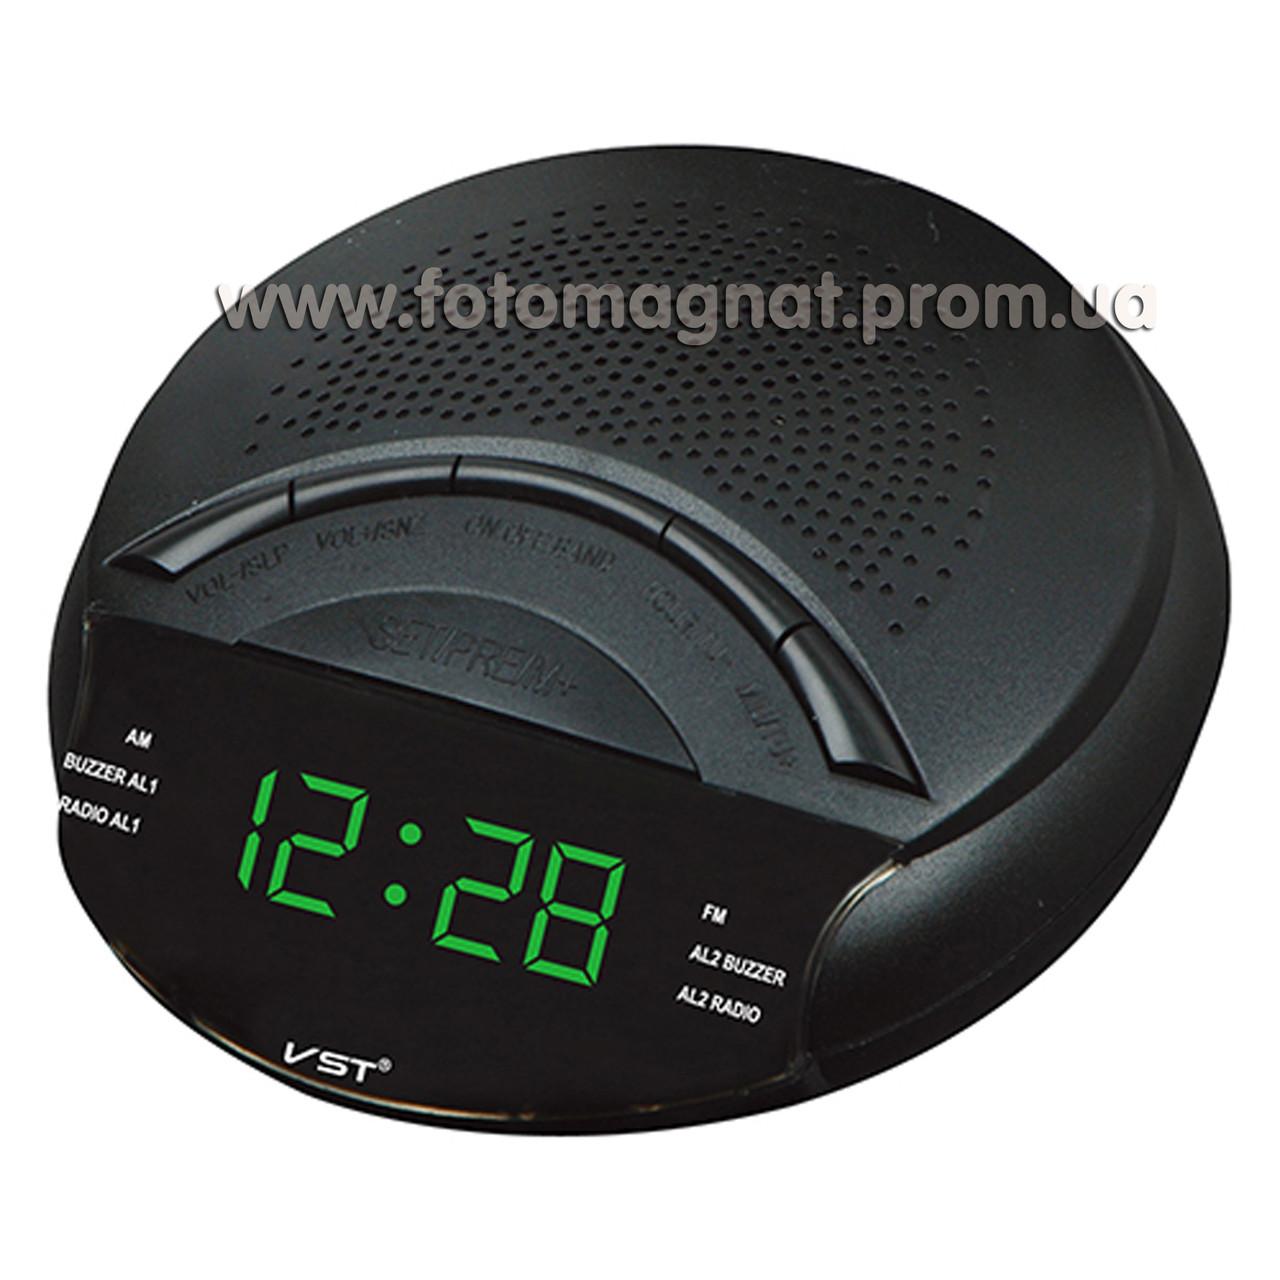 Часы сетевые VST 903-4 с  FM радио и Будильником, Салатовые